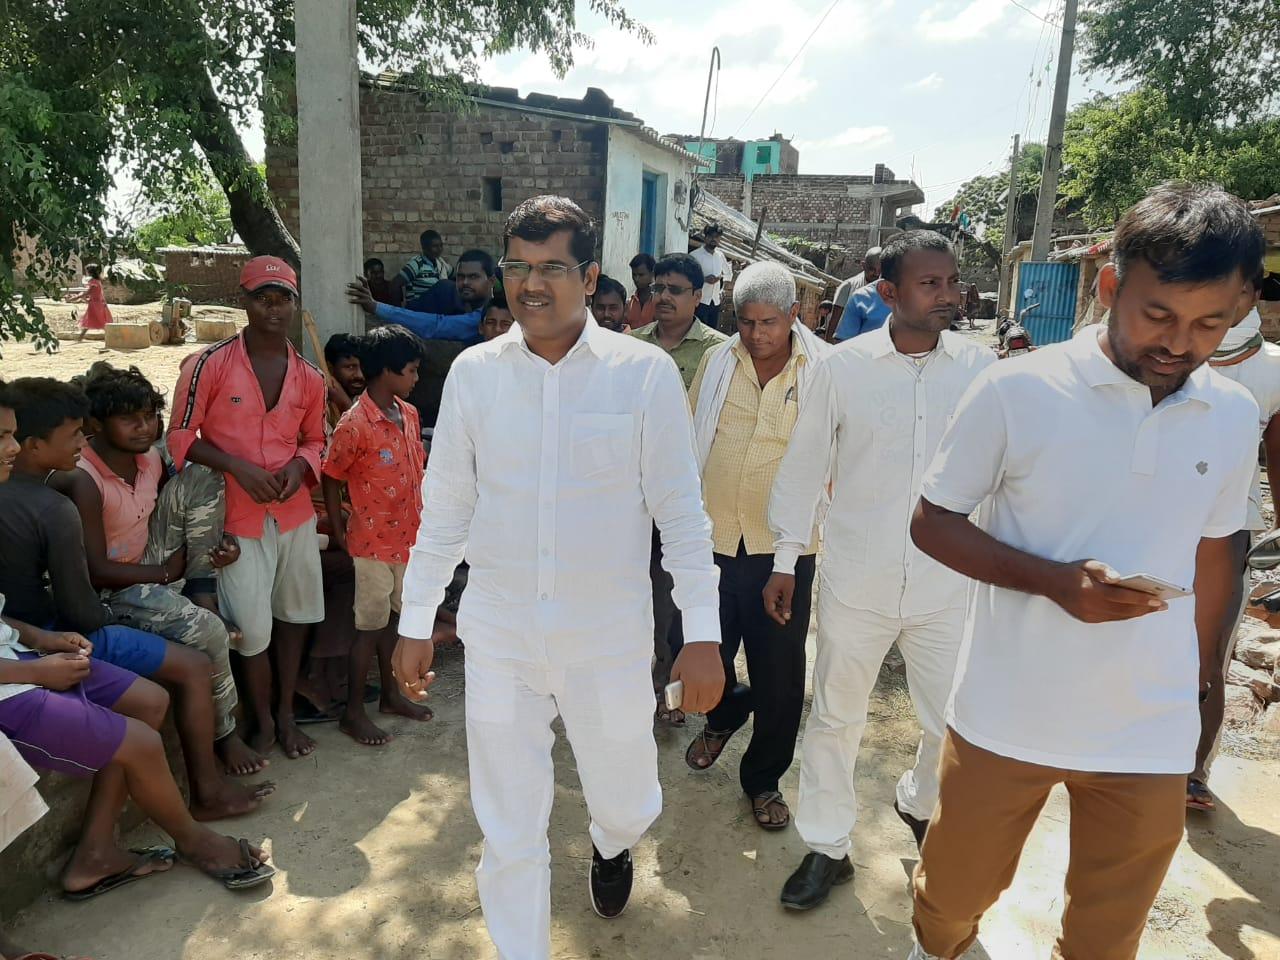 शेखपुरा विधानसभा क्षेत्र के घाट कुसुमभा प्रखंड के विभिन्न गांवों में पप्पू चौहान ने चलाया जनसंपर्क अभियान